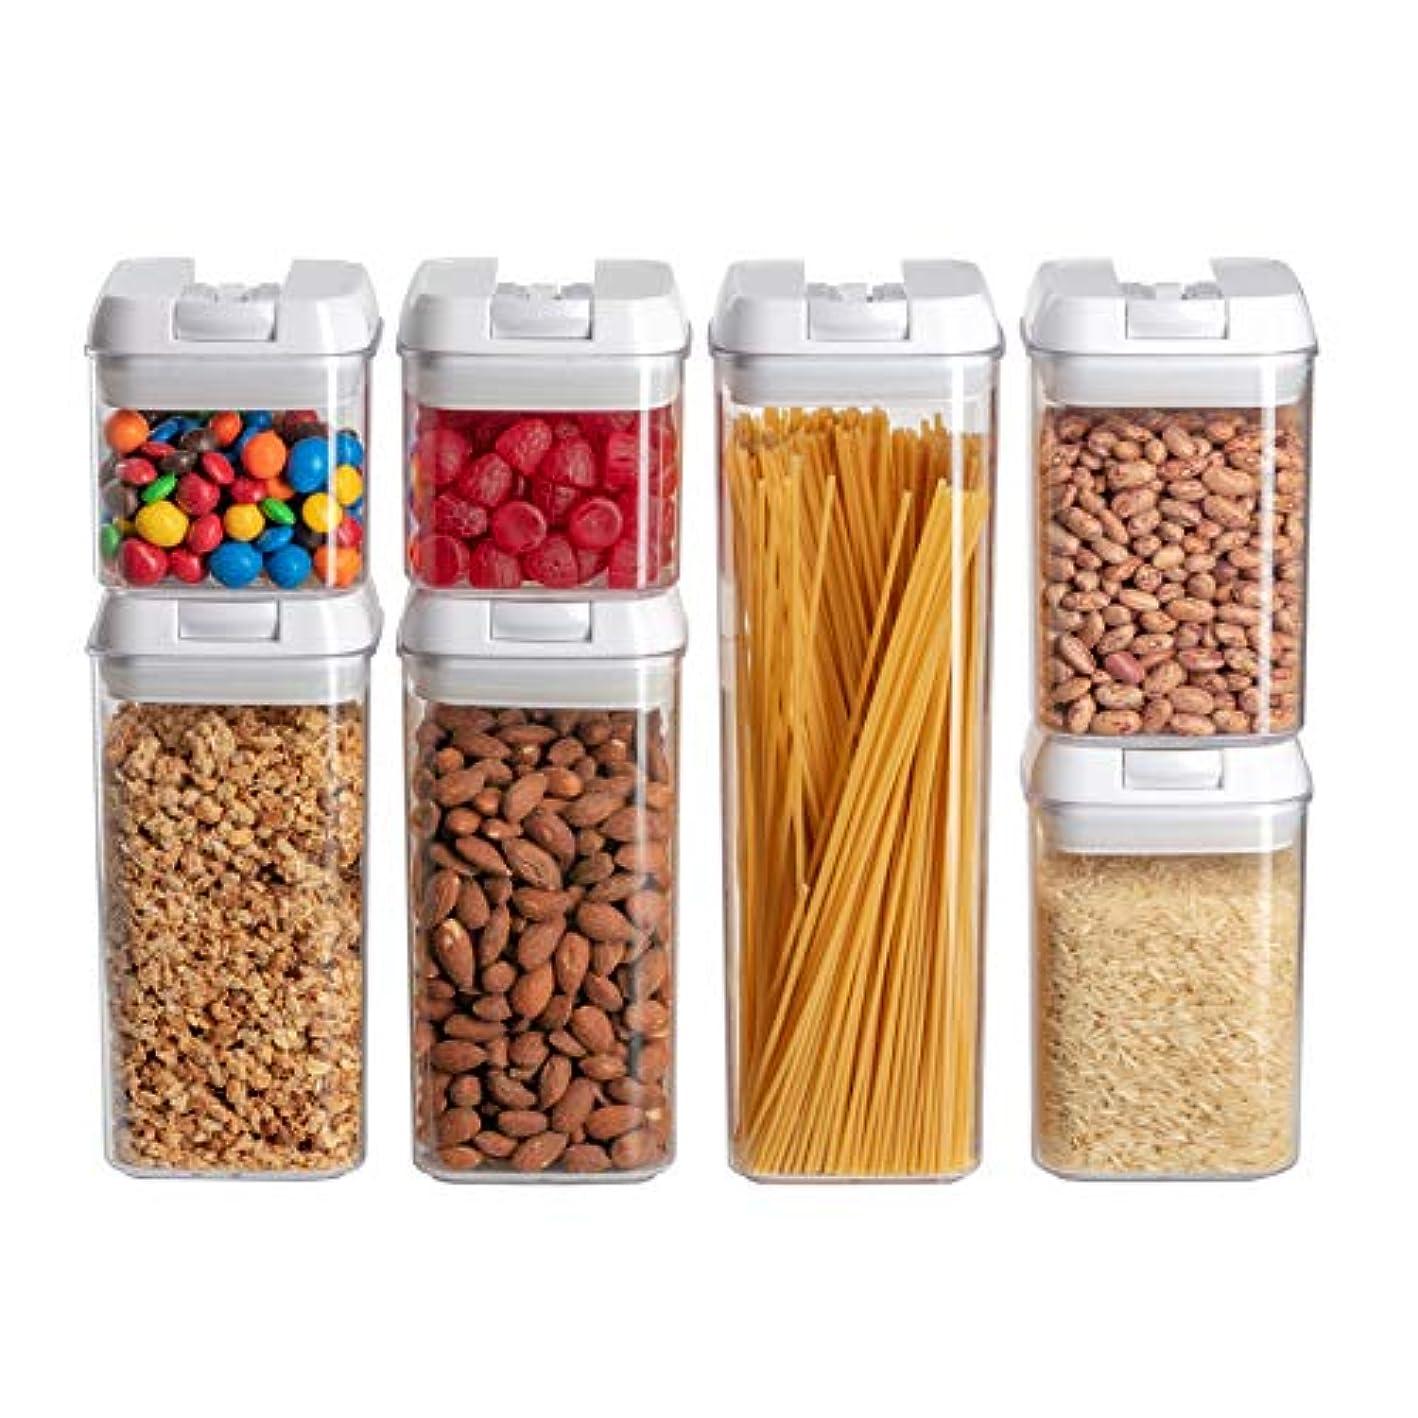 Airtight Food Storage Containers I Pantry Organization and Storage I No Brittle Polystyrene I Best Lids I 7 PC Set I Dishwasher Safe I BPA Free